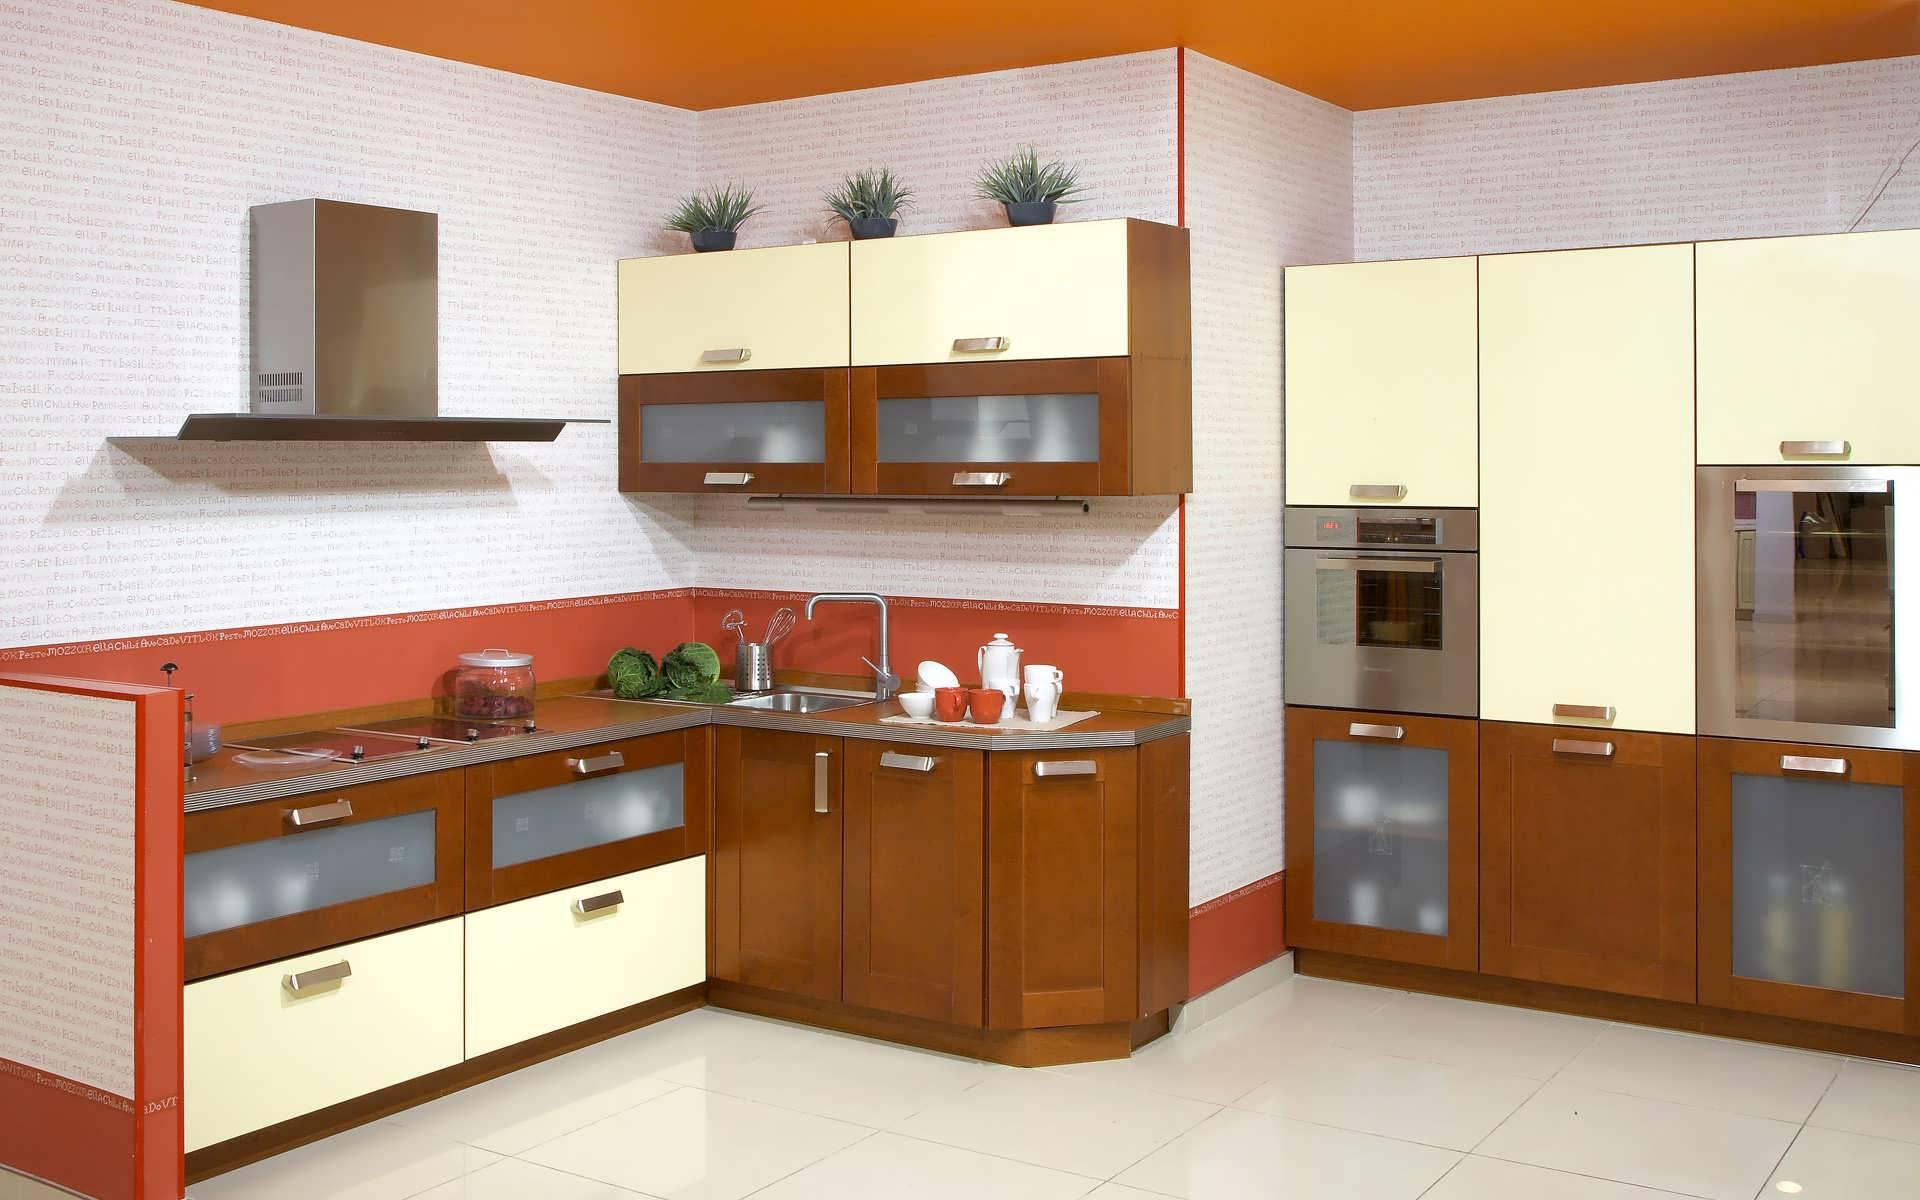 اصول طراحی آشپزخانه، ۱۱ فوت کوزه گری از زبان یک طراح